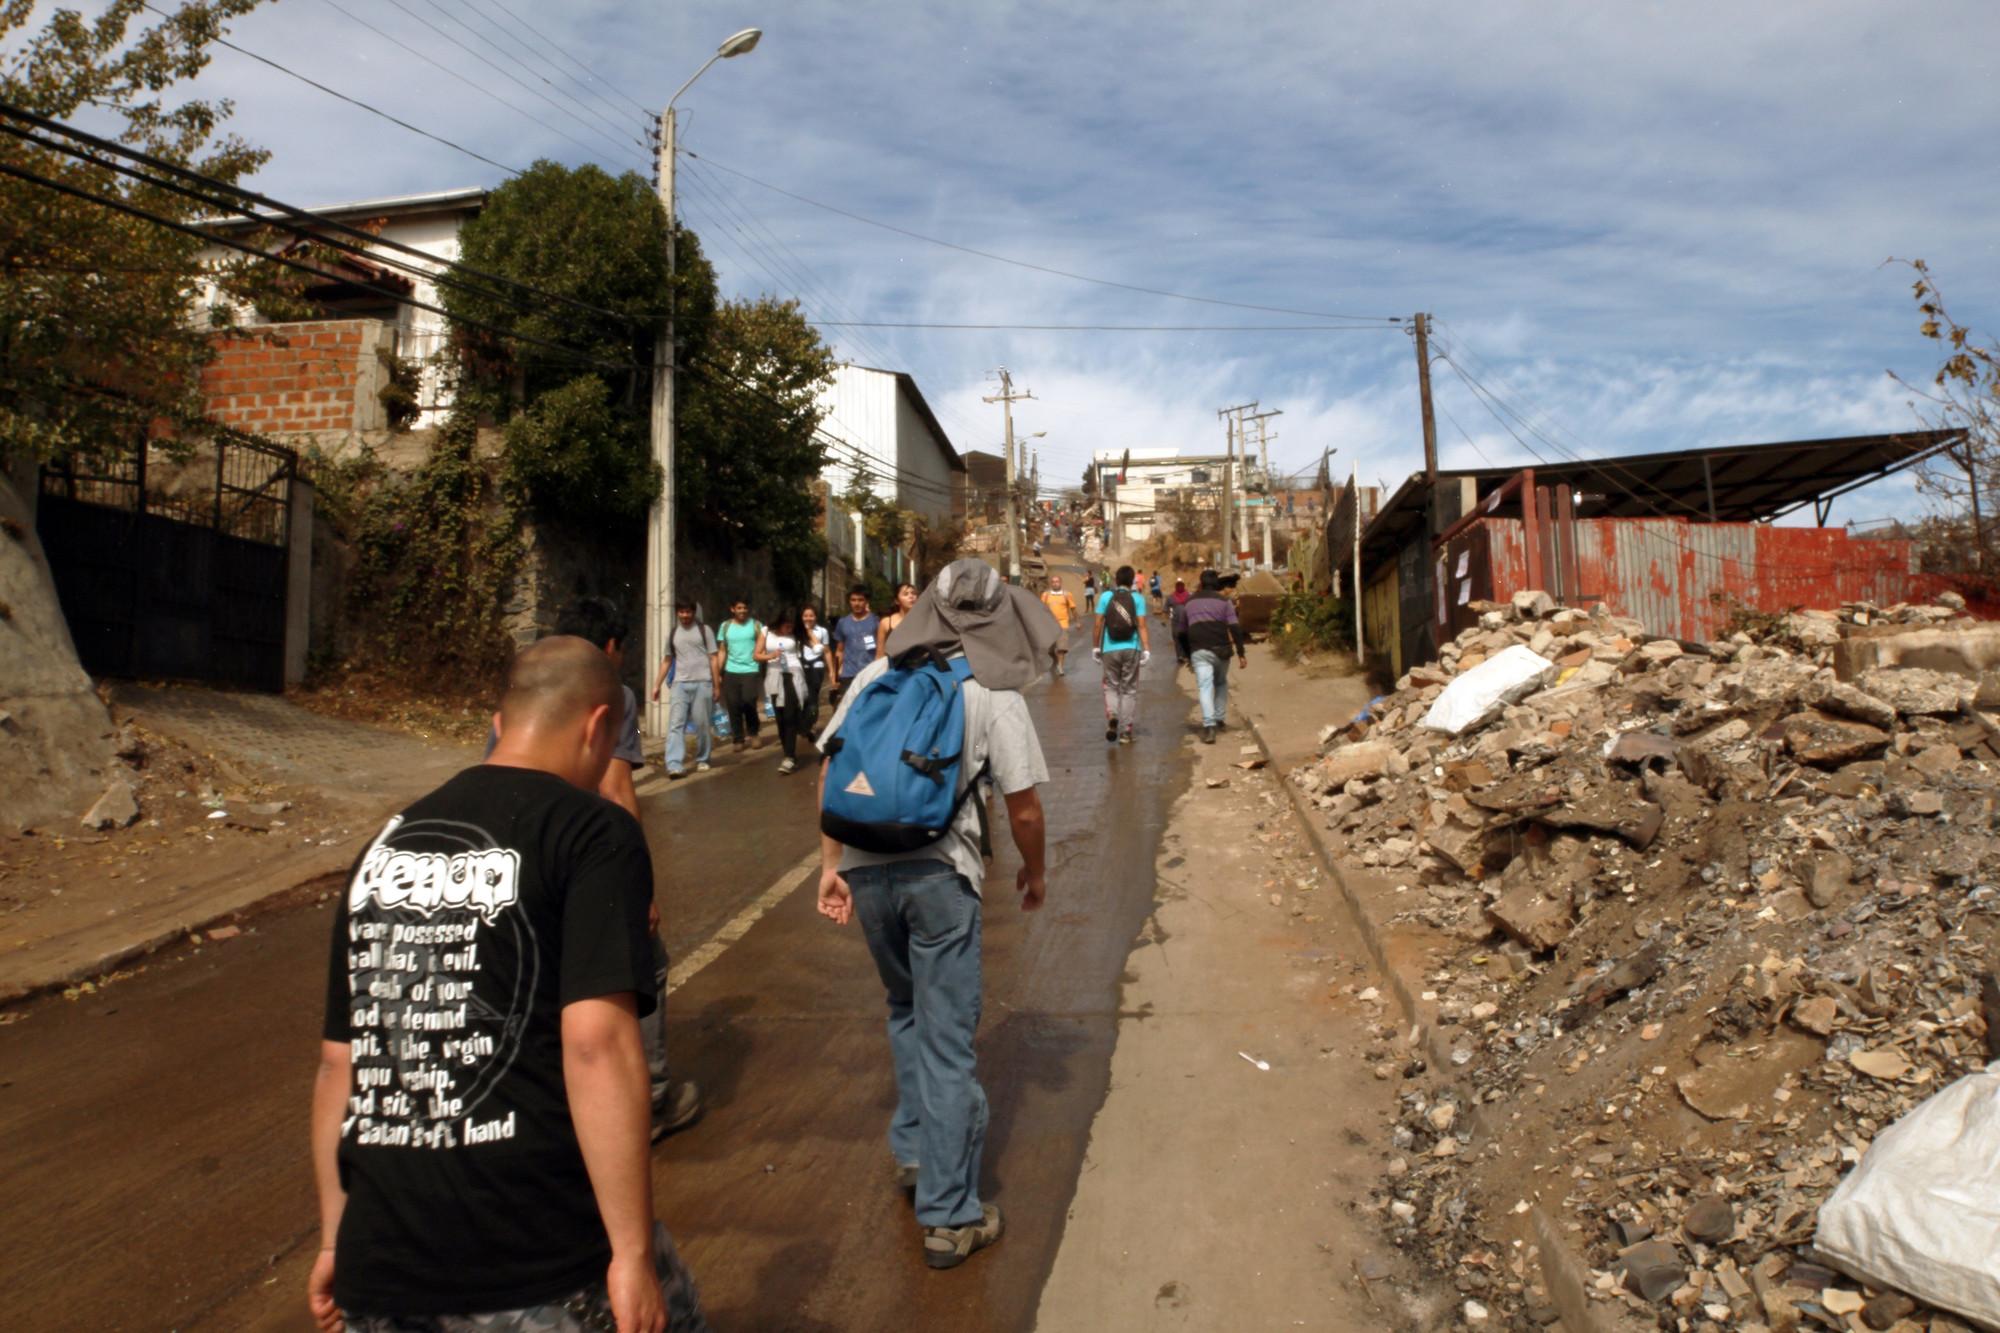 Voluntarios subiendo al cerro La Cruz. Image © Nicolás Valencia M.